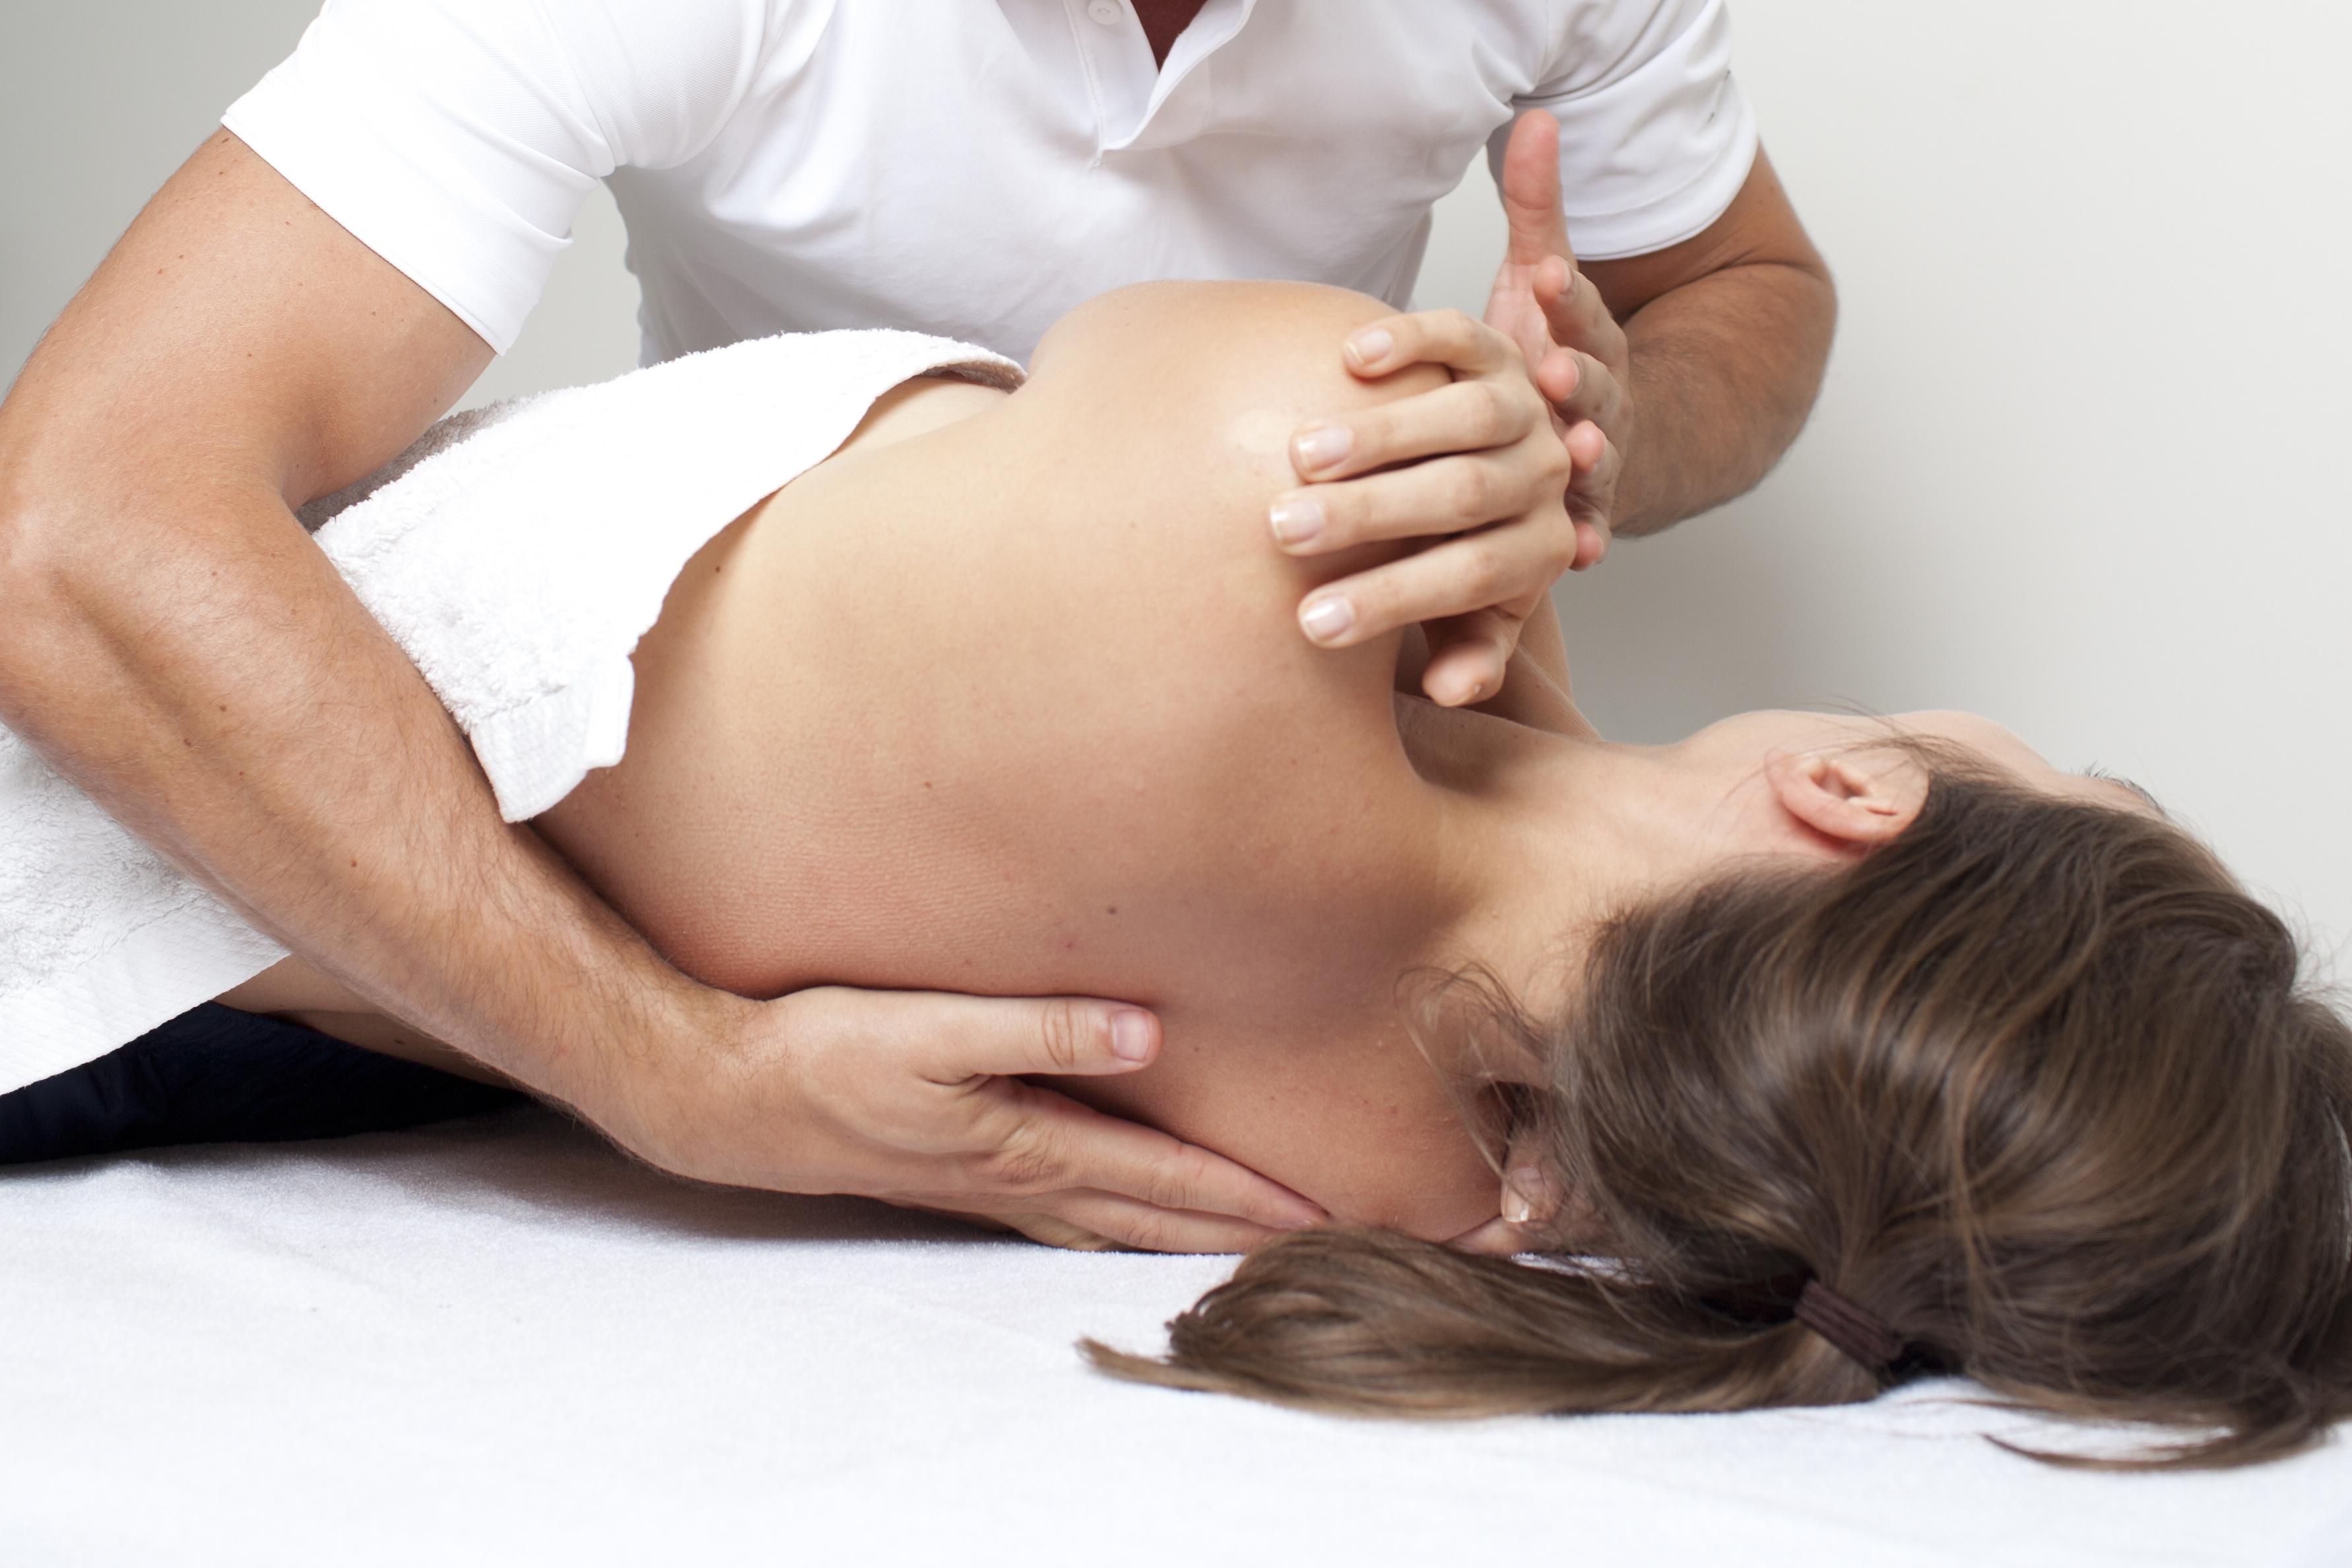 Кто такой остеопат и что он делает, показания к лечению позвоночника остеопатией